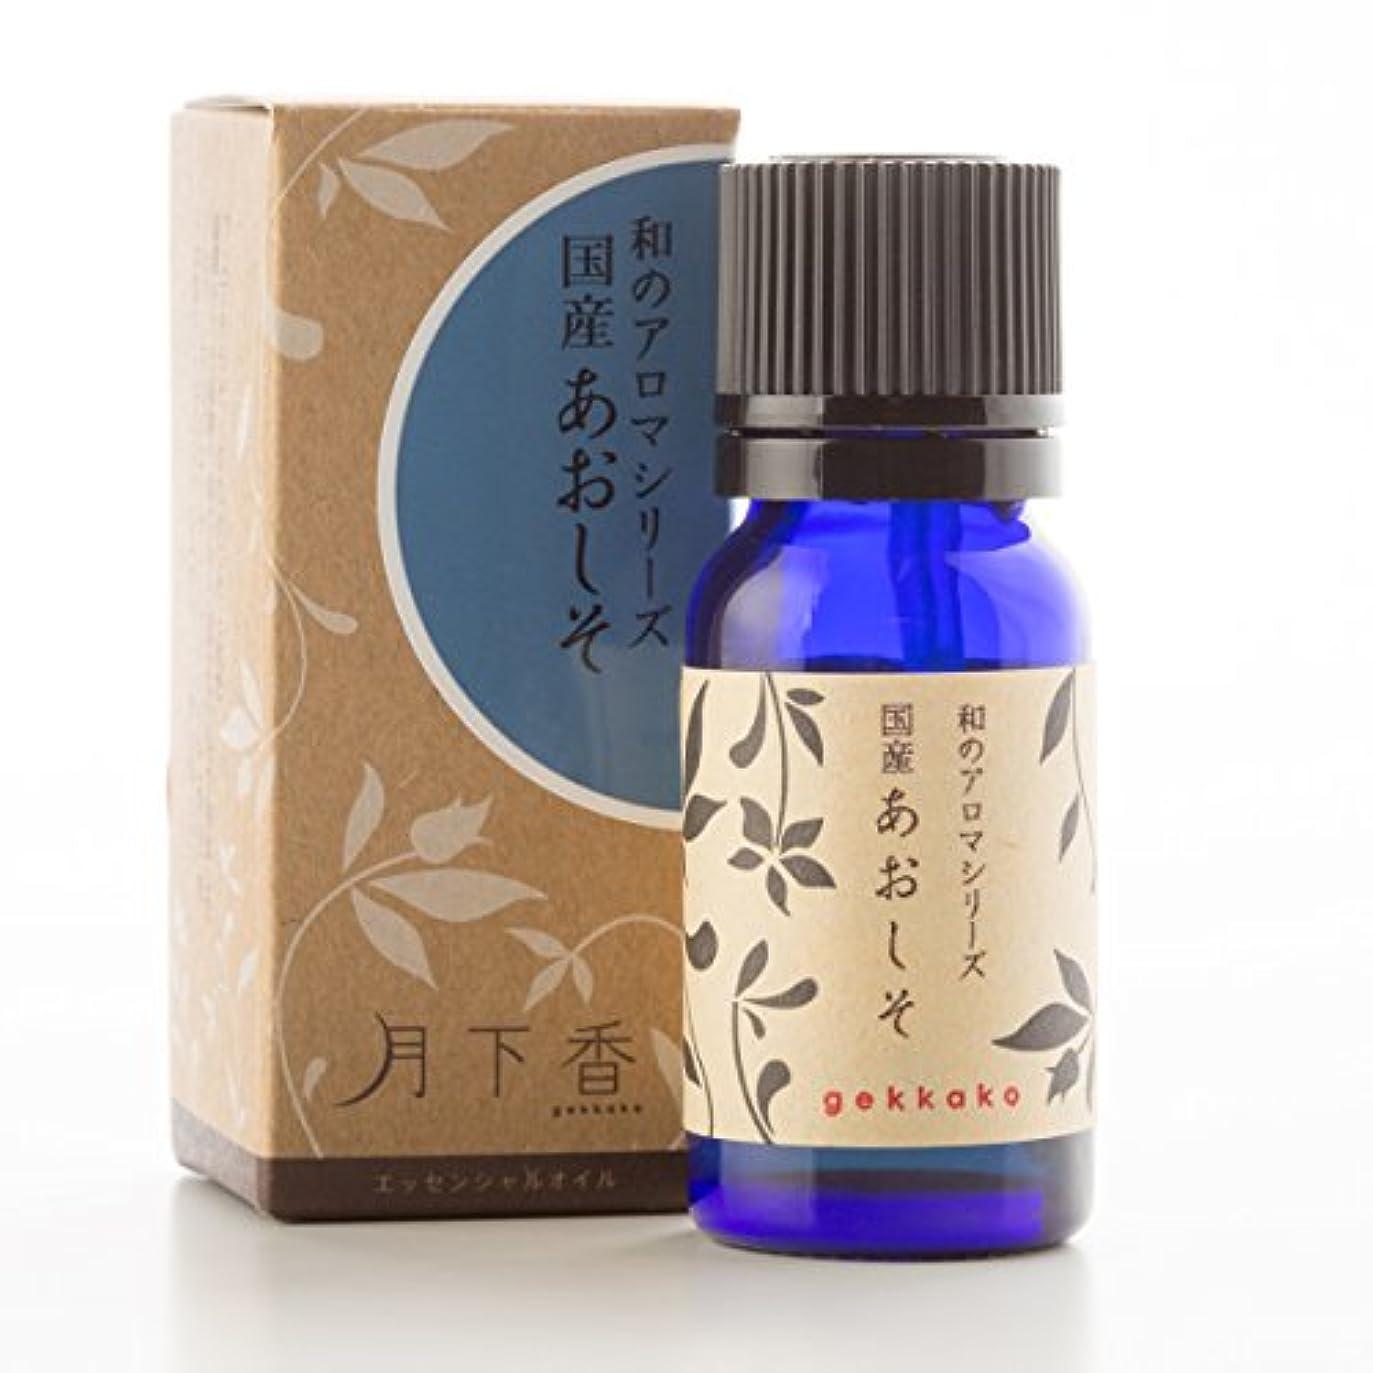 <月下香>和精油/エッセンシャルオイル/アロマ/あおしそ【3ml】 (3ml)